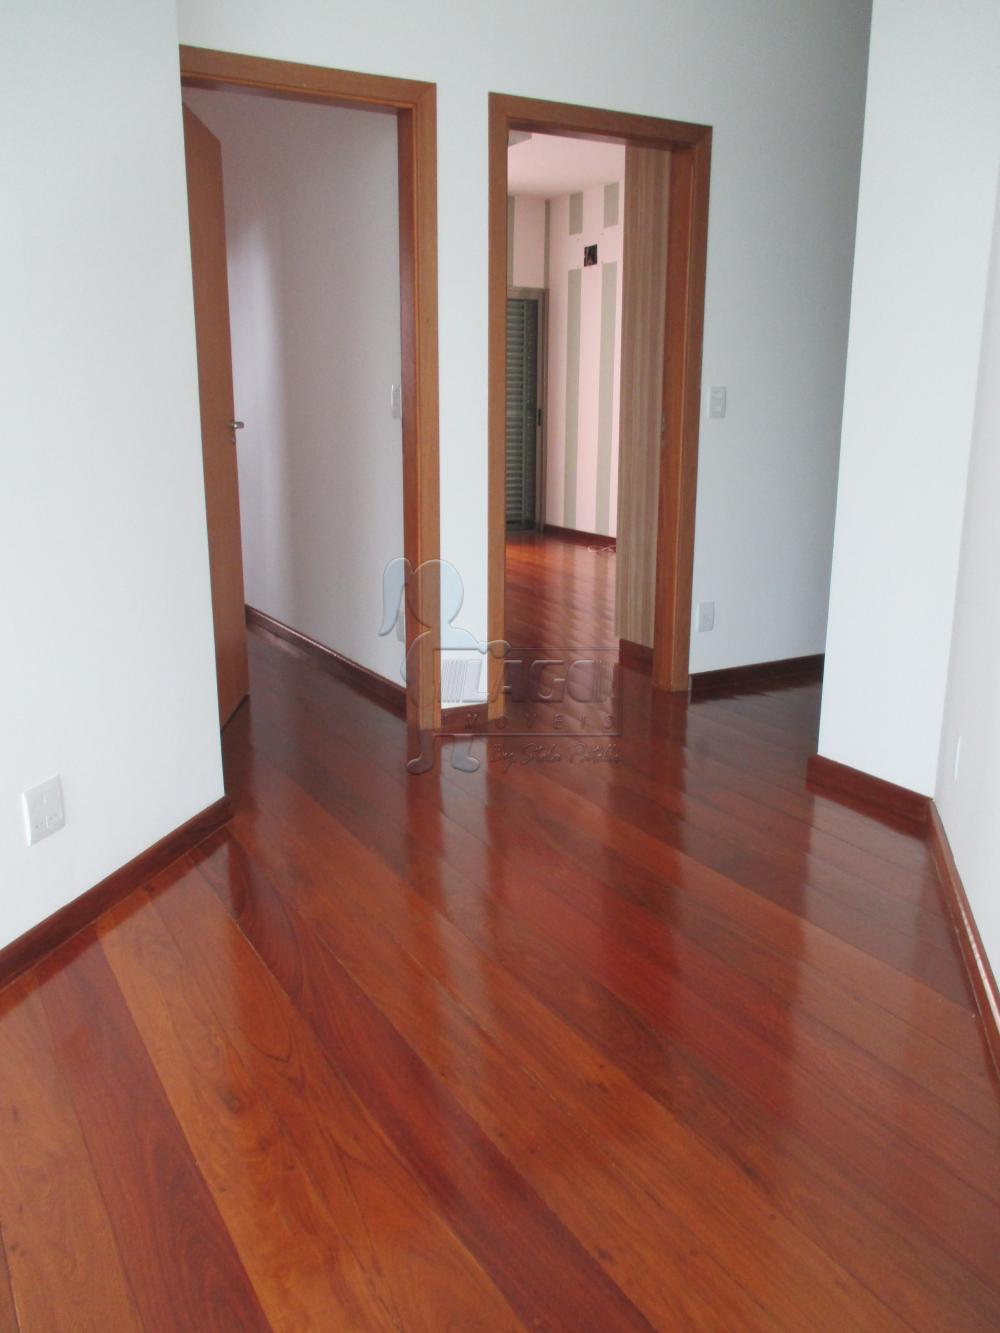 Alugar Casas / Condomínio em Ribeirão Preto apenas R$ 12.000,00 - Foto 30